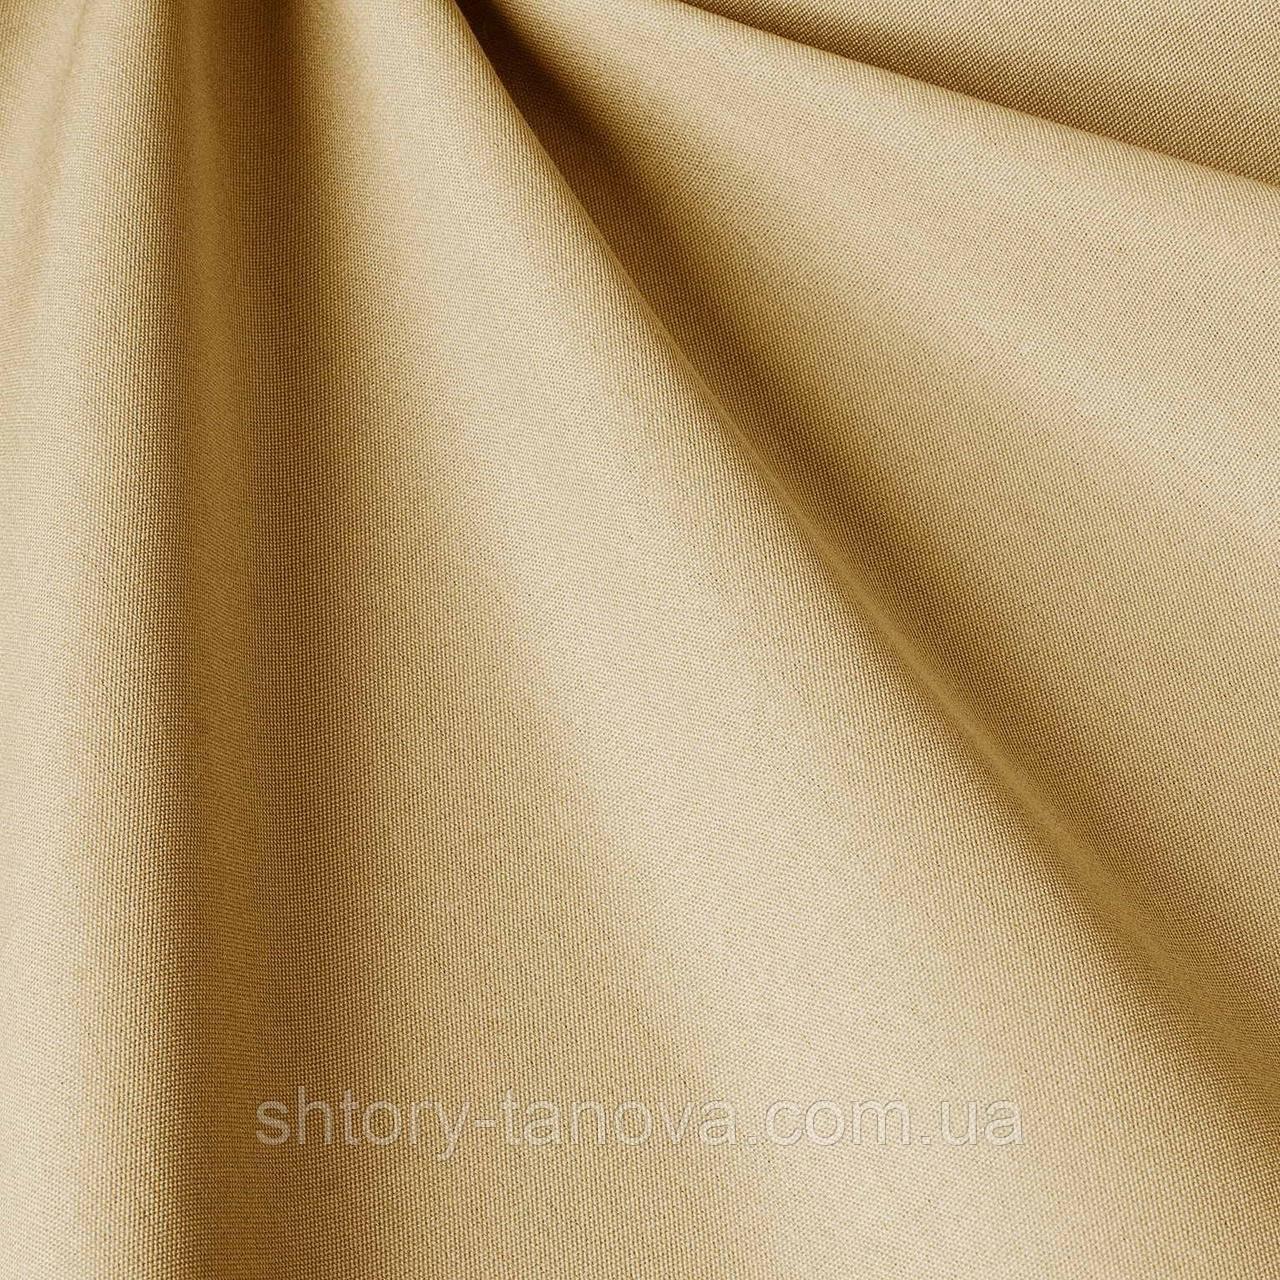 Однотонна тканина для вулиці вершкового кольору